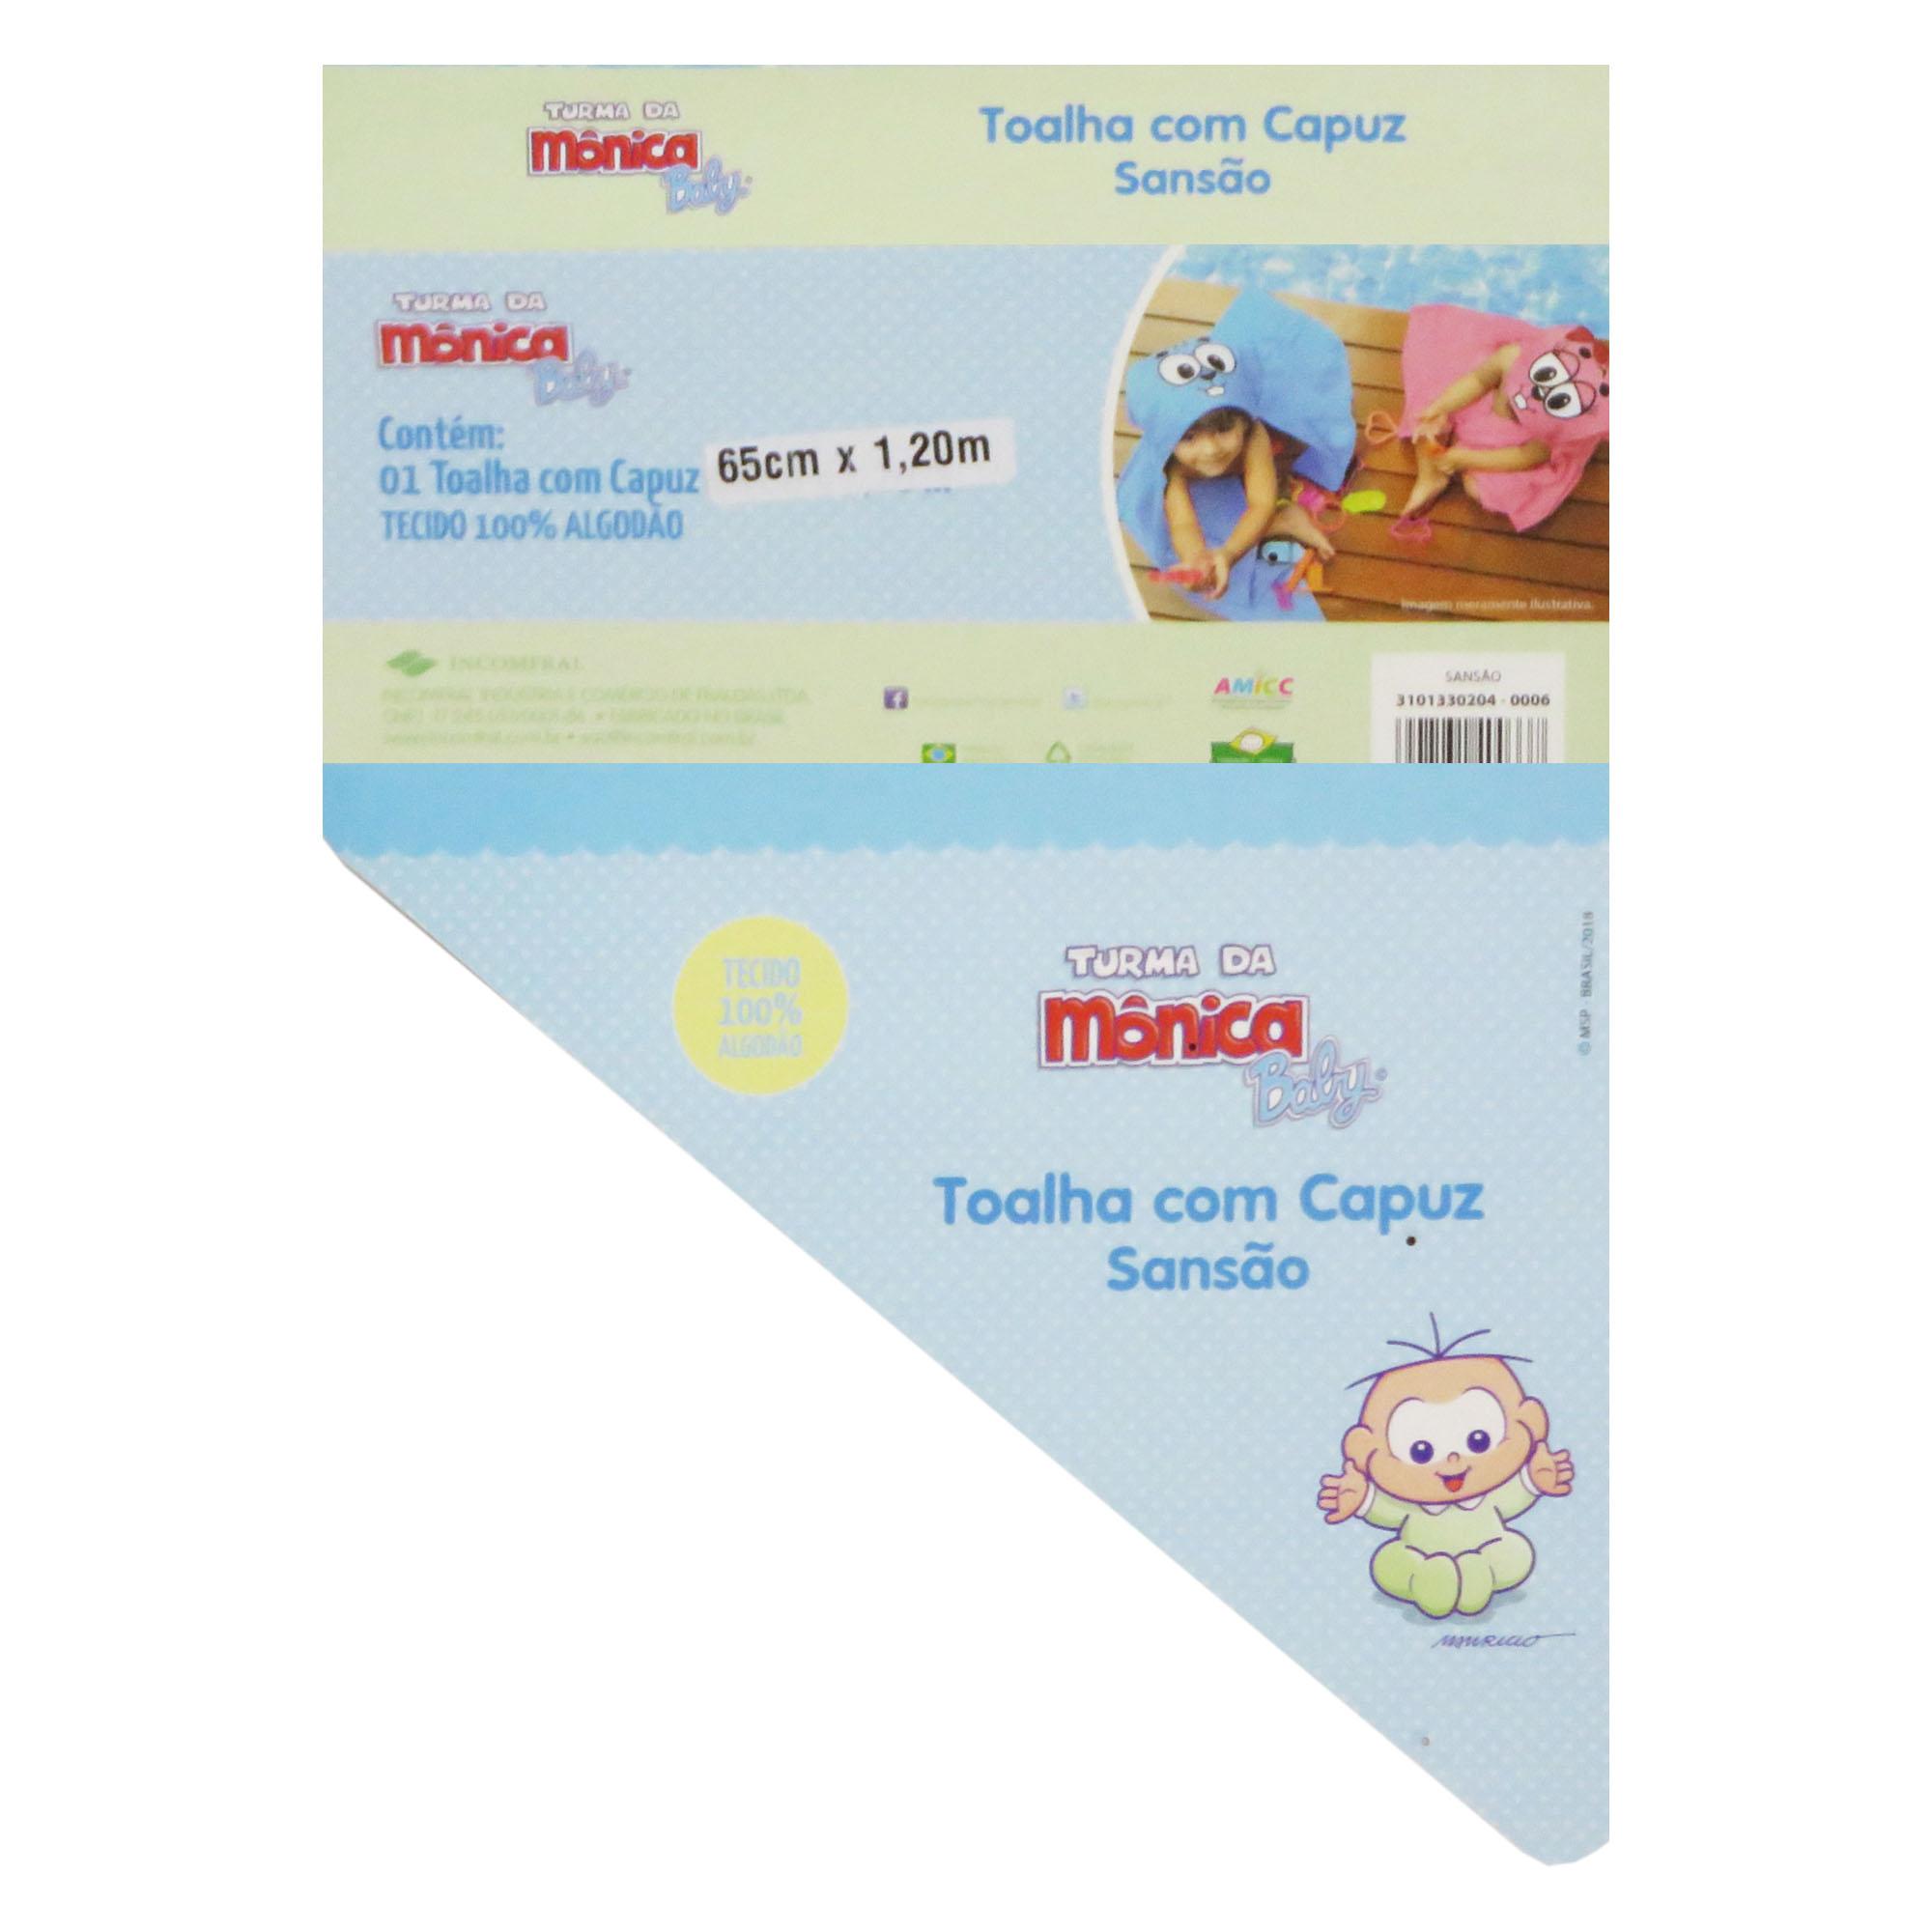 Toalha com Capuz - Incomfral - Turma da Mônica Baby - Sansão